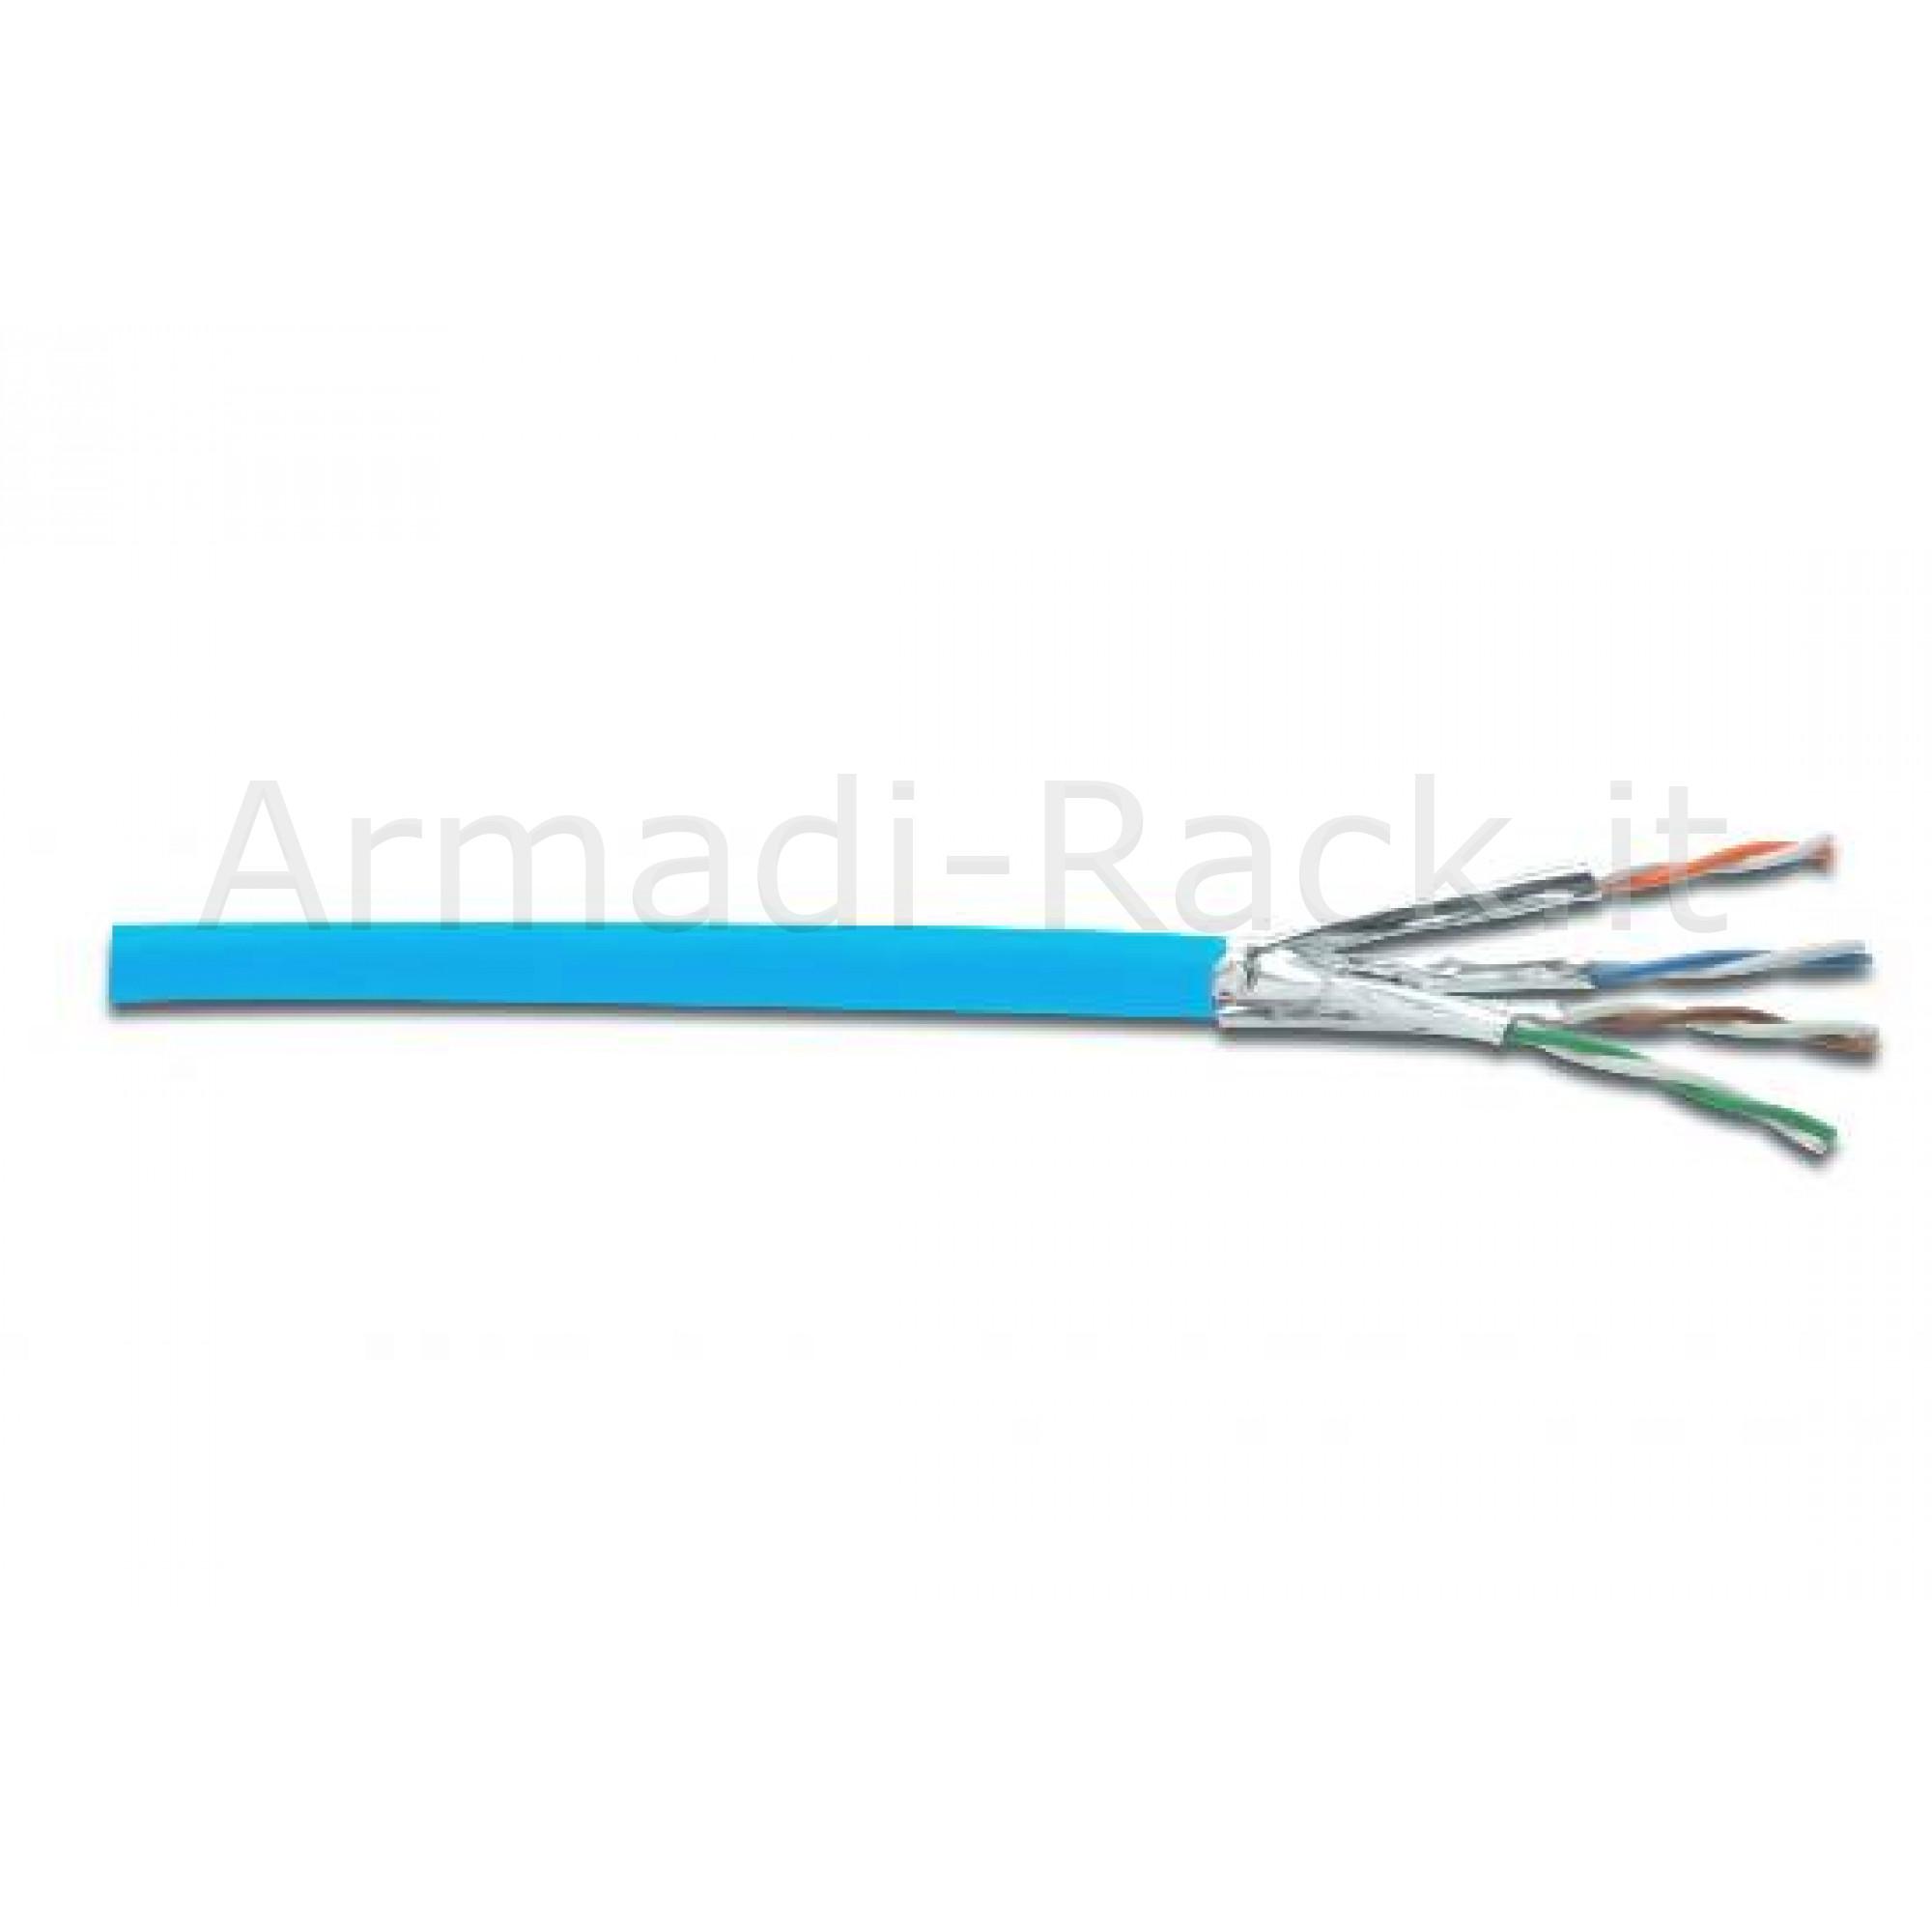 Matassa 100 mt. cavo solido schermato u/ftp halogenfree per reti categoria 6a in rame